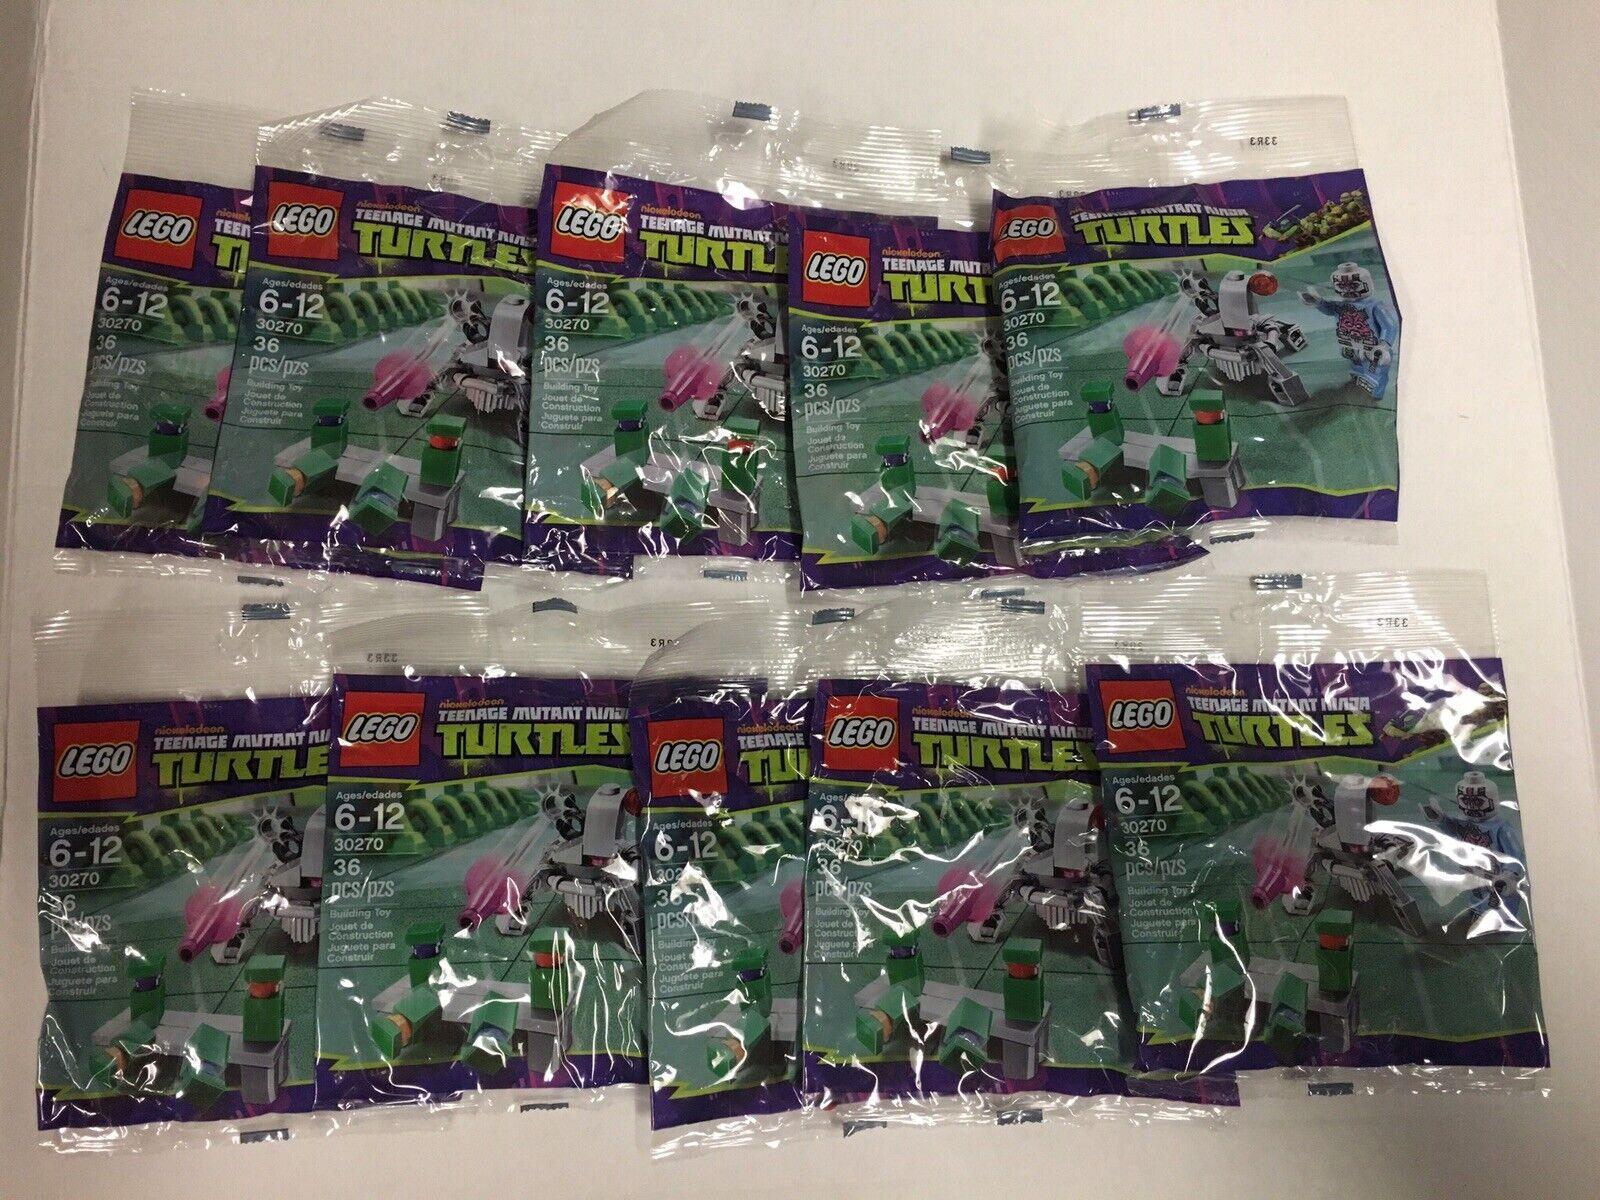 Lote de 10 Lego Tortugas Ninjas Adolescentes Mutantes TMNT 30270 Kraang Nuevo. polybags